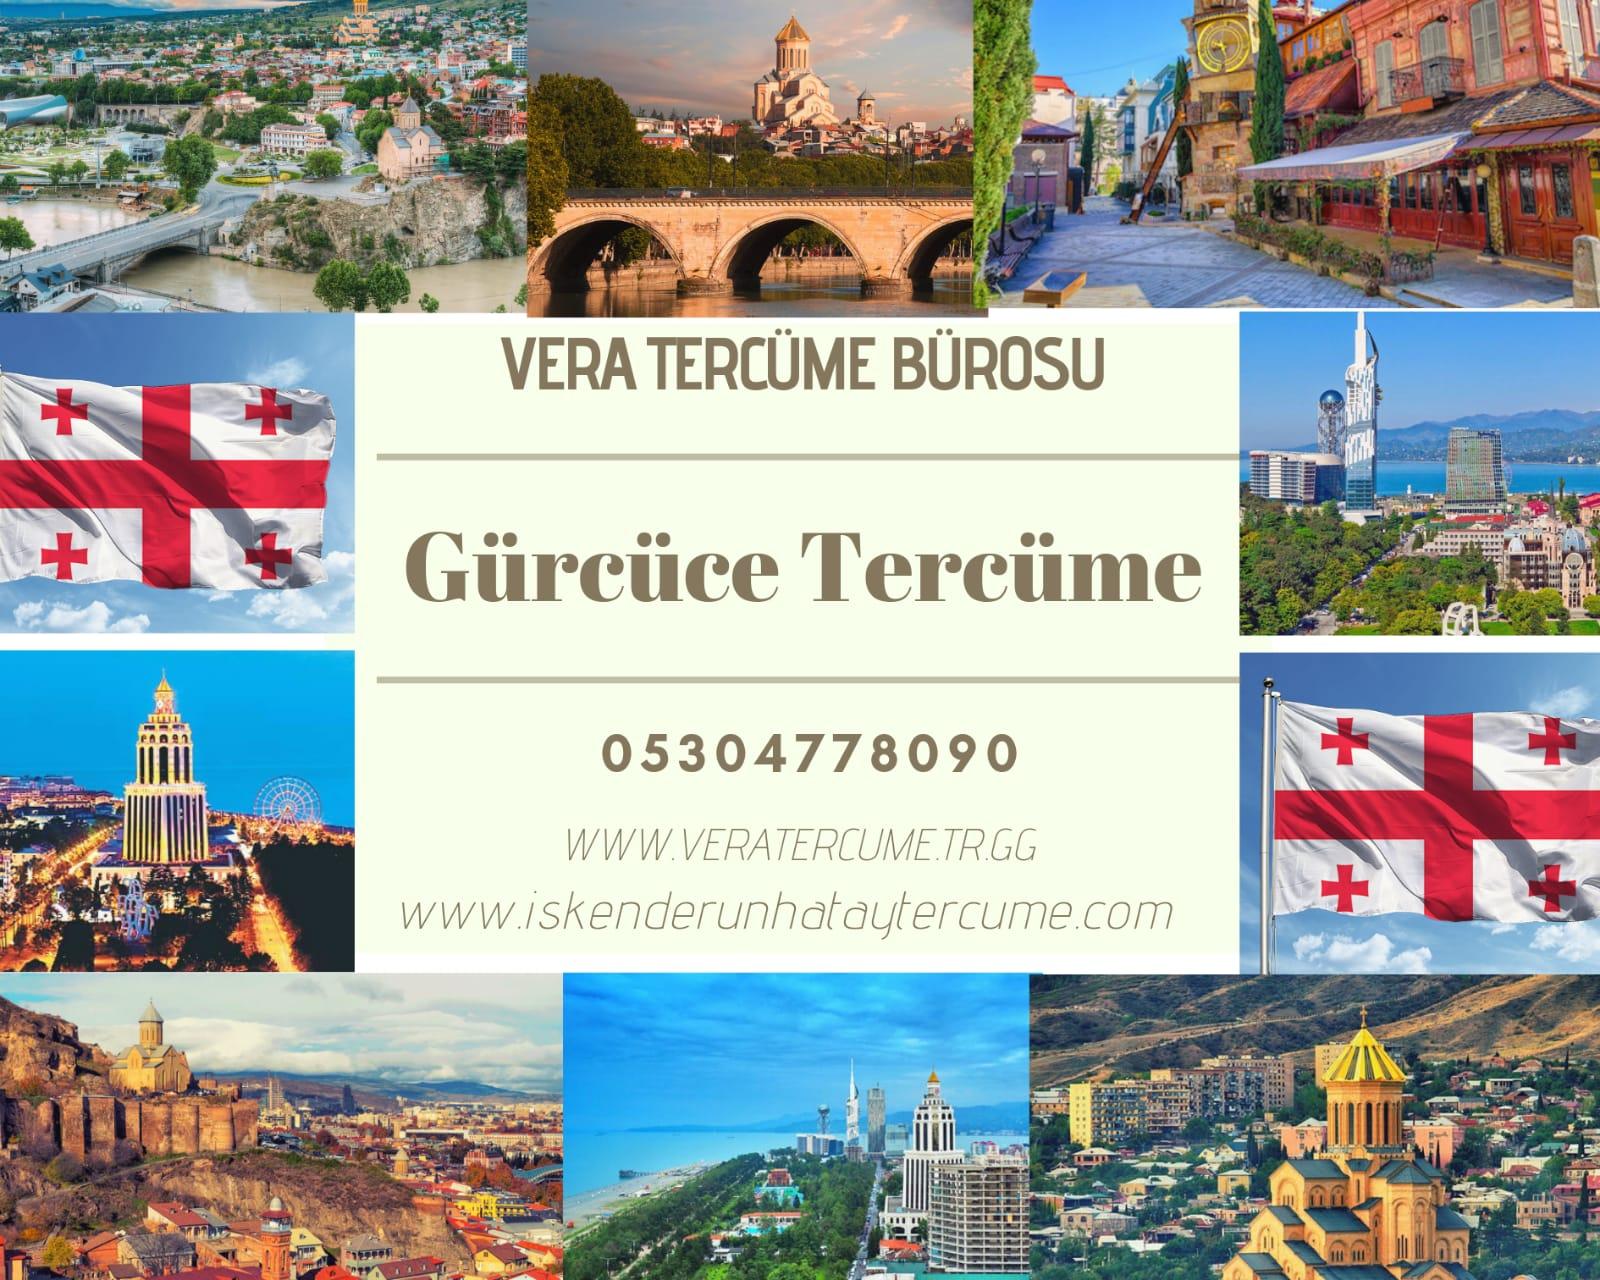 Gürcüce Tercüme Hizmeti